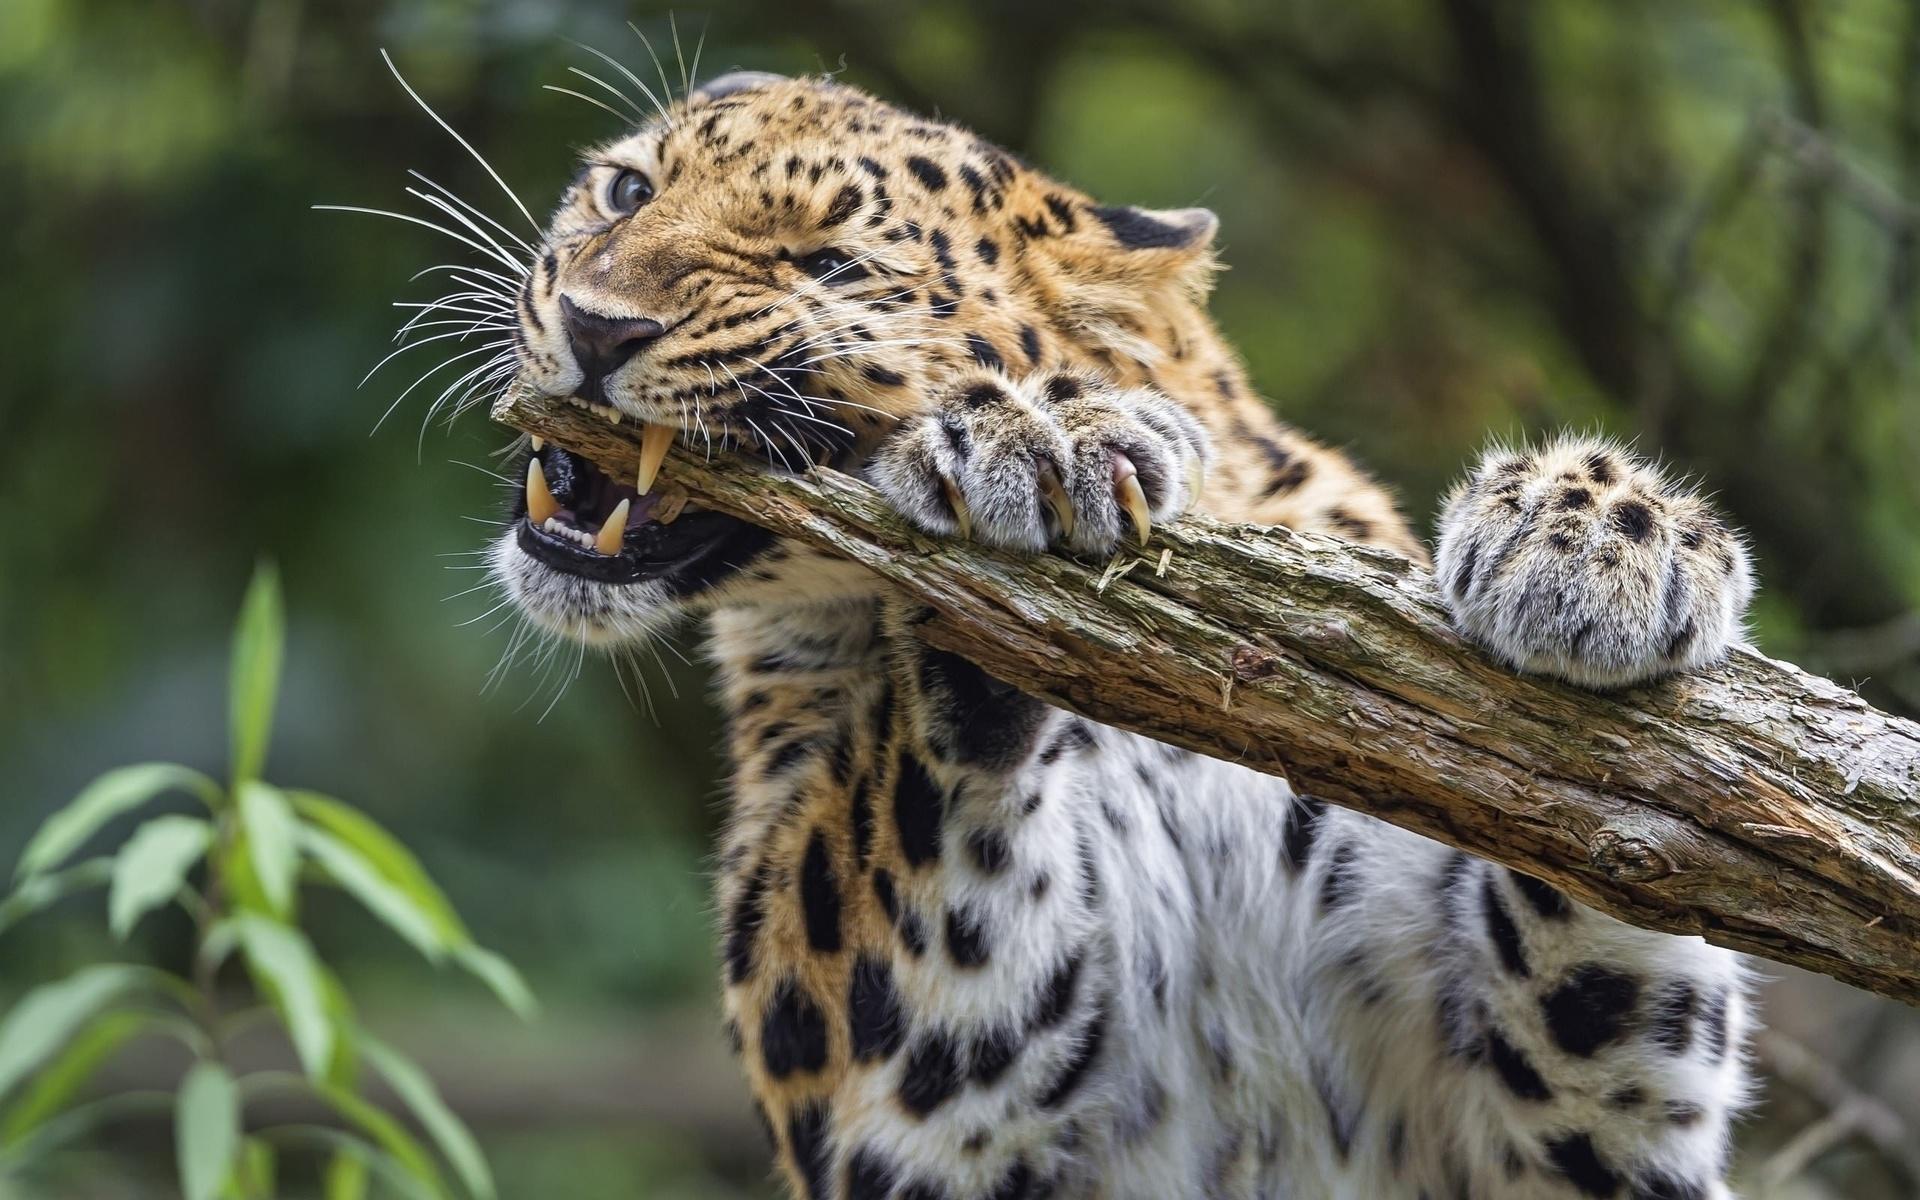 леопард, хищник, животные, дикая кошка, клыки